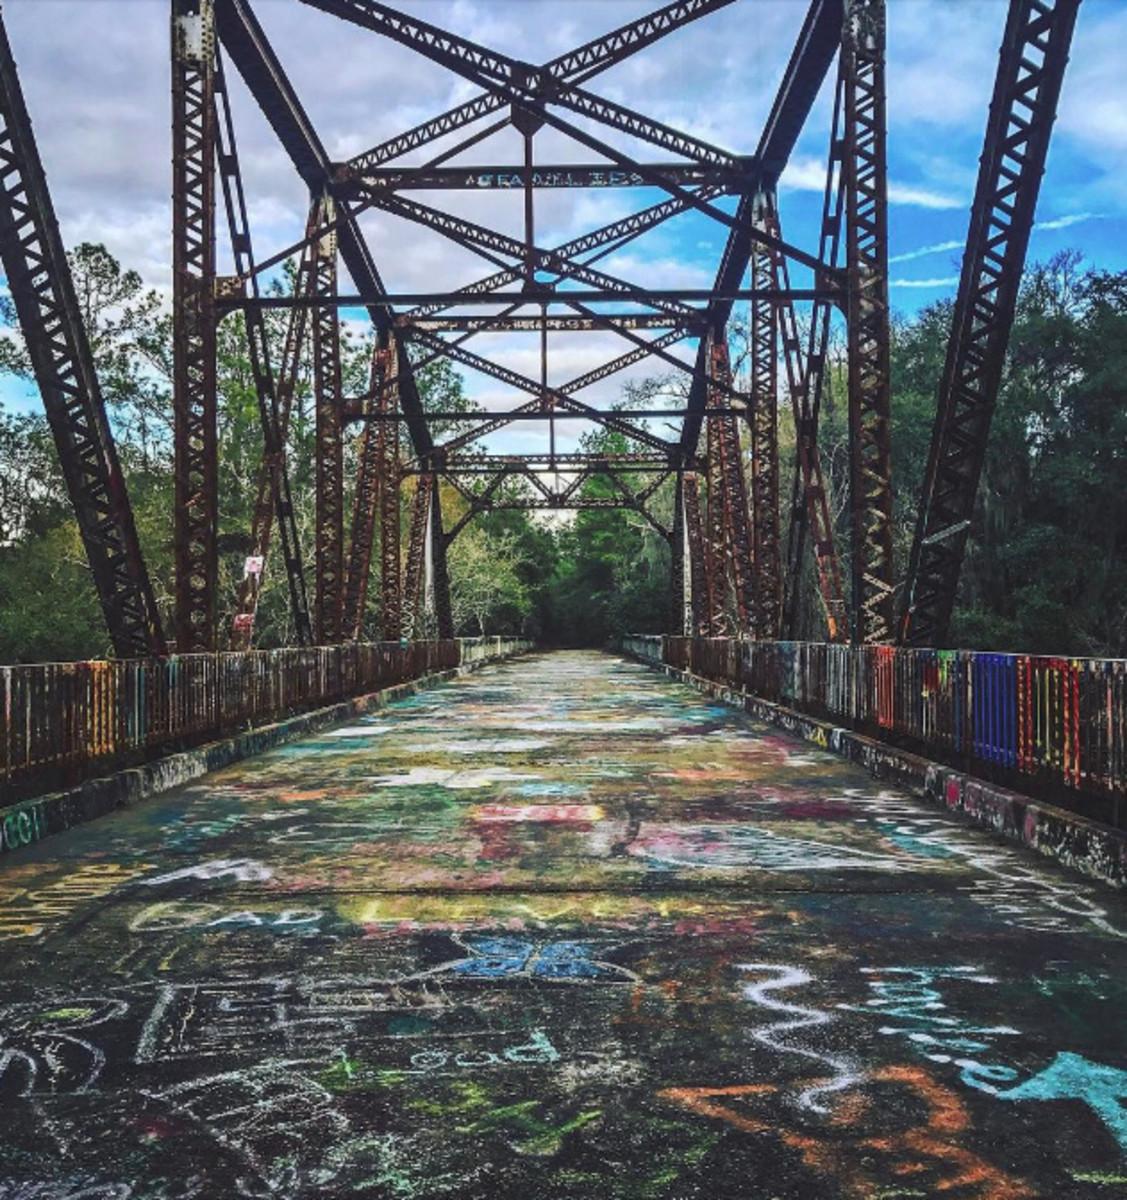 Suwannee Springs Bridge (Graffiti Bridge)